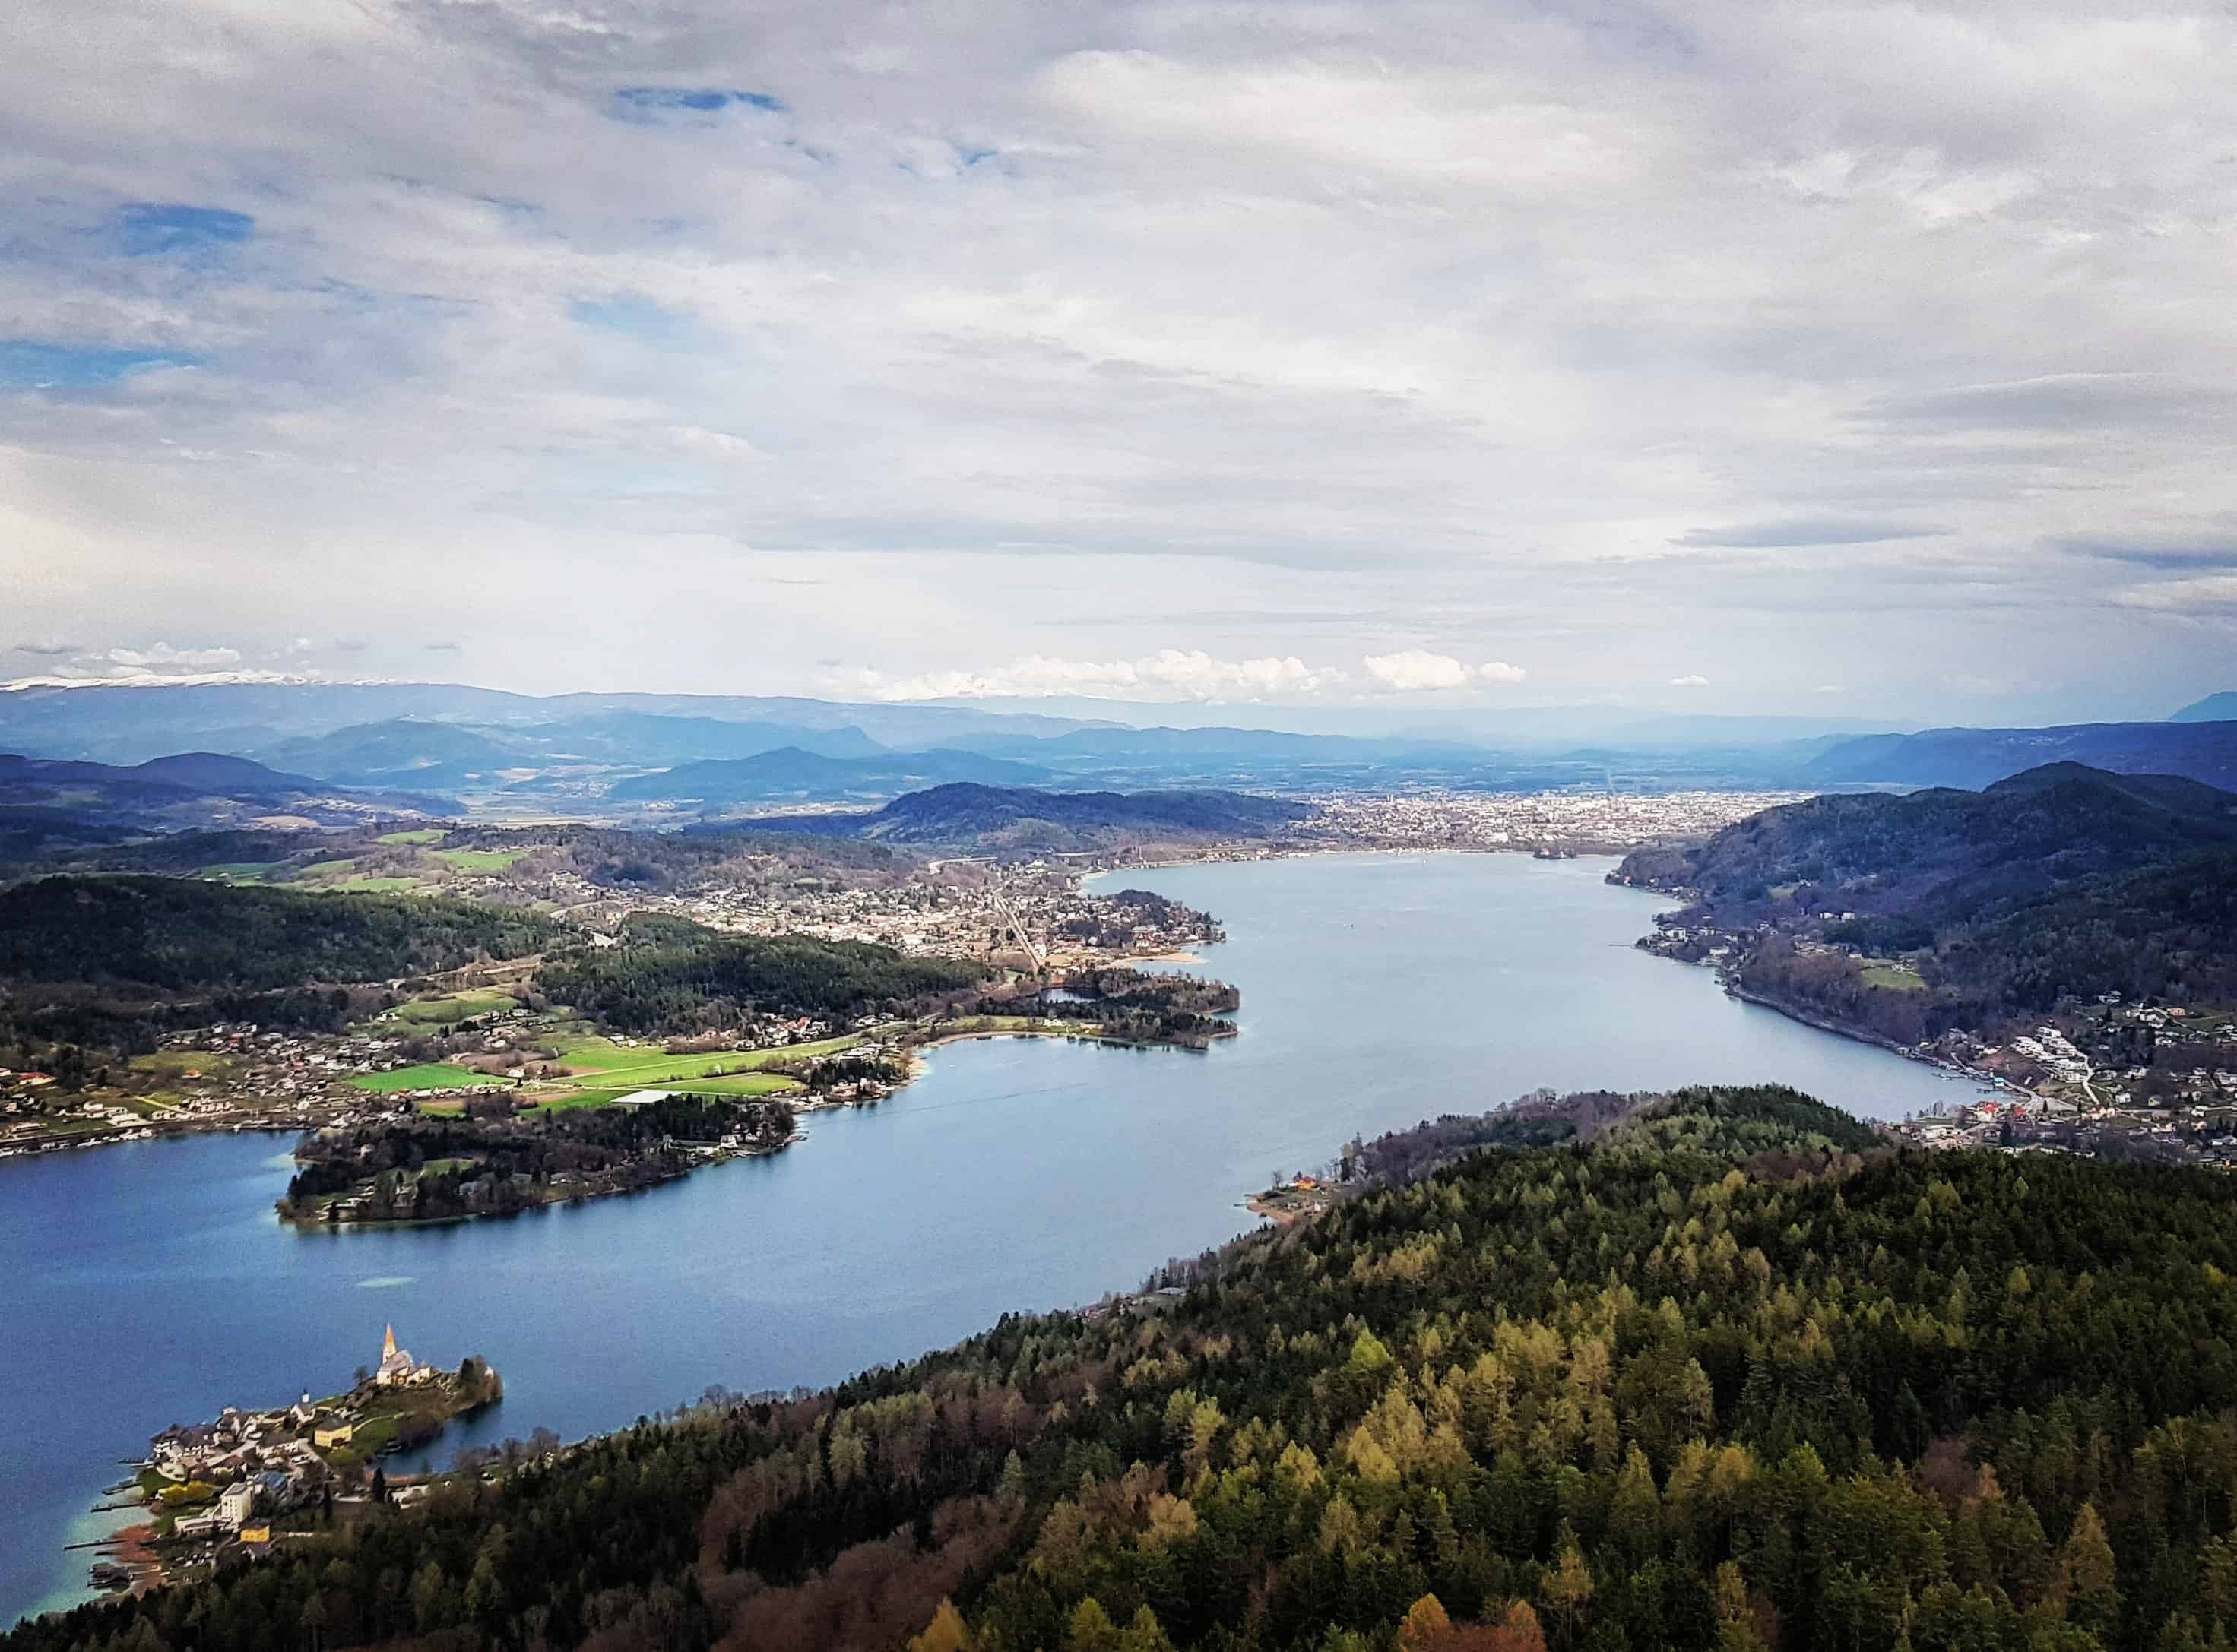 Klagenfurt vom Ausflugsziel Pyramidenkogel betrachtet.